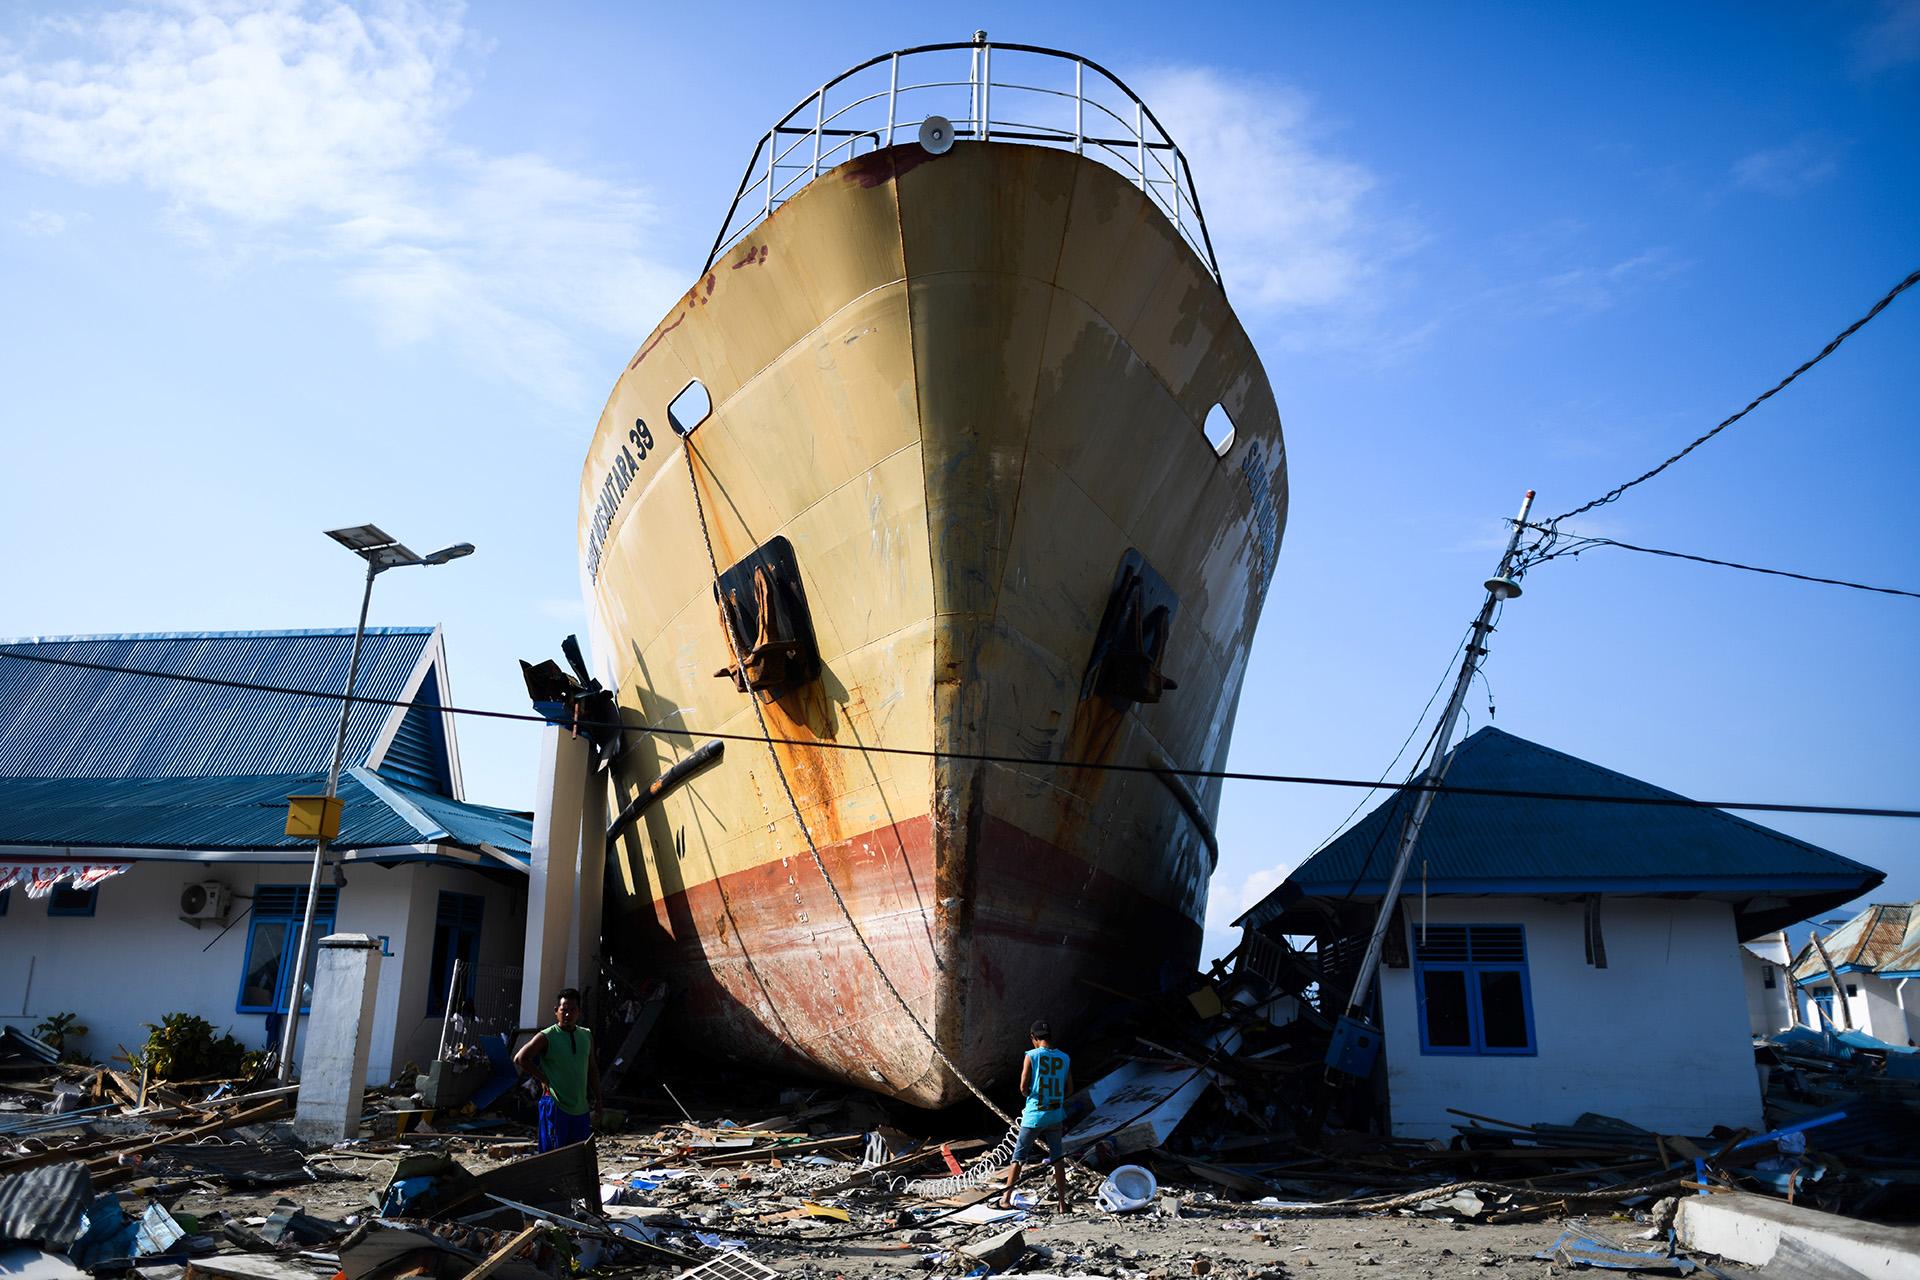 Un barco de pasajeros que terminó entre dos casas el 3 de octubre tras el terremoto que sacudió a Indonesiadías antes (JEWEL SAMAD / AFP)